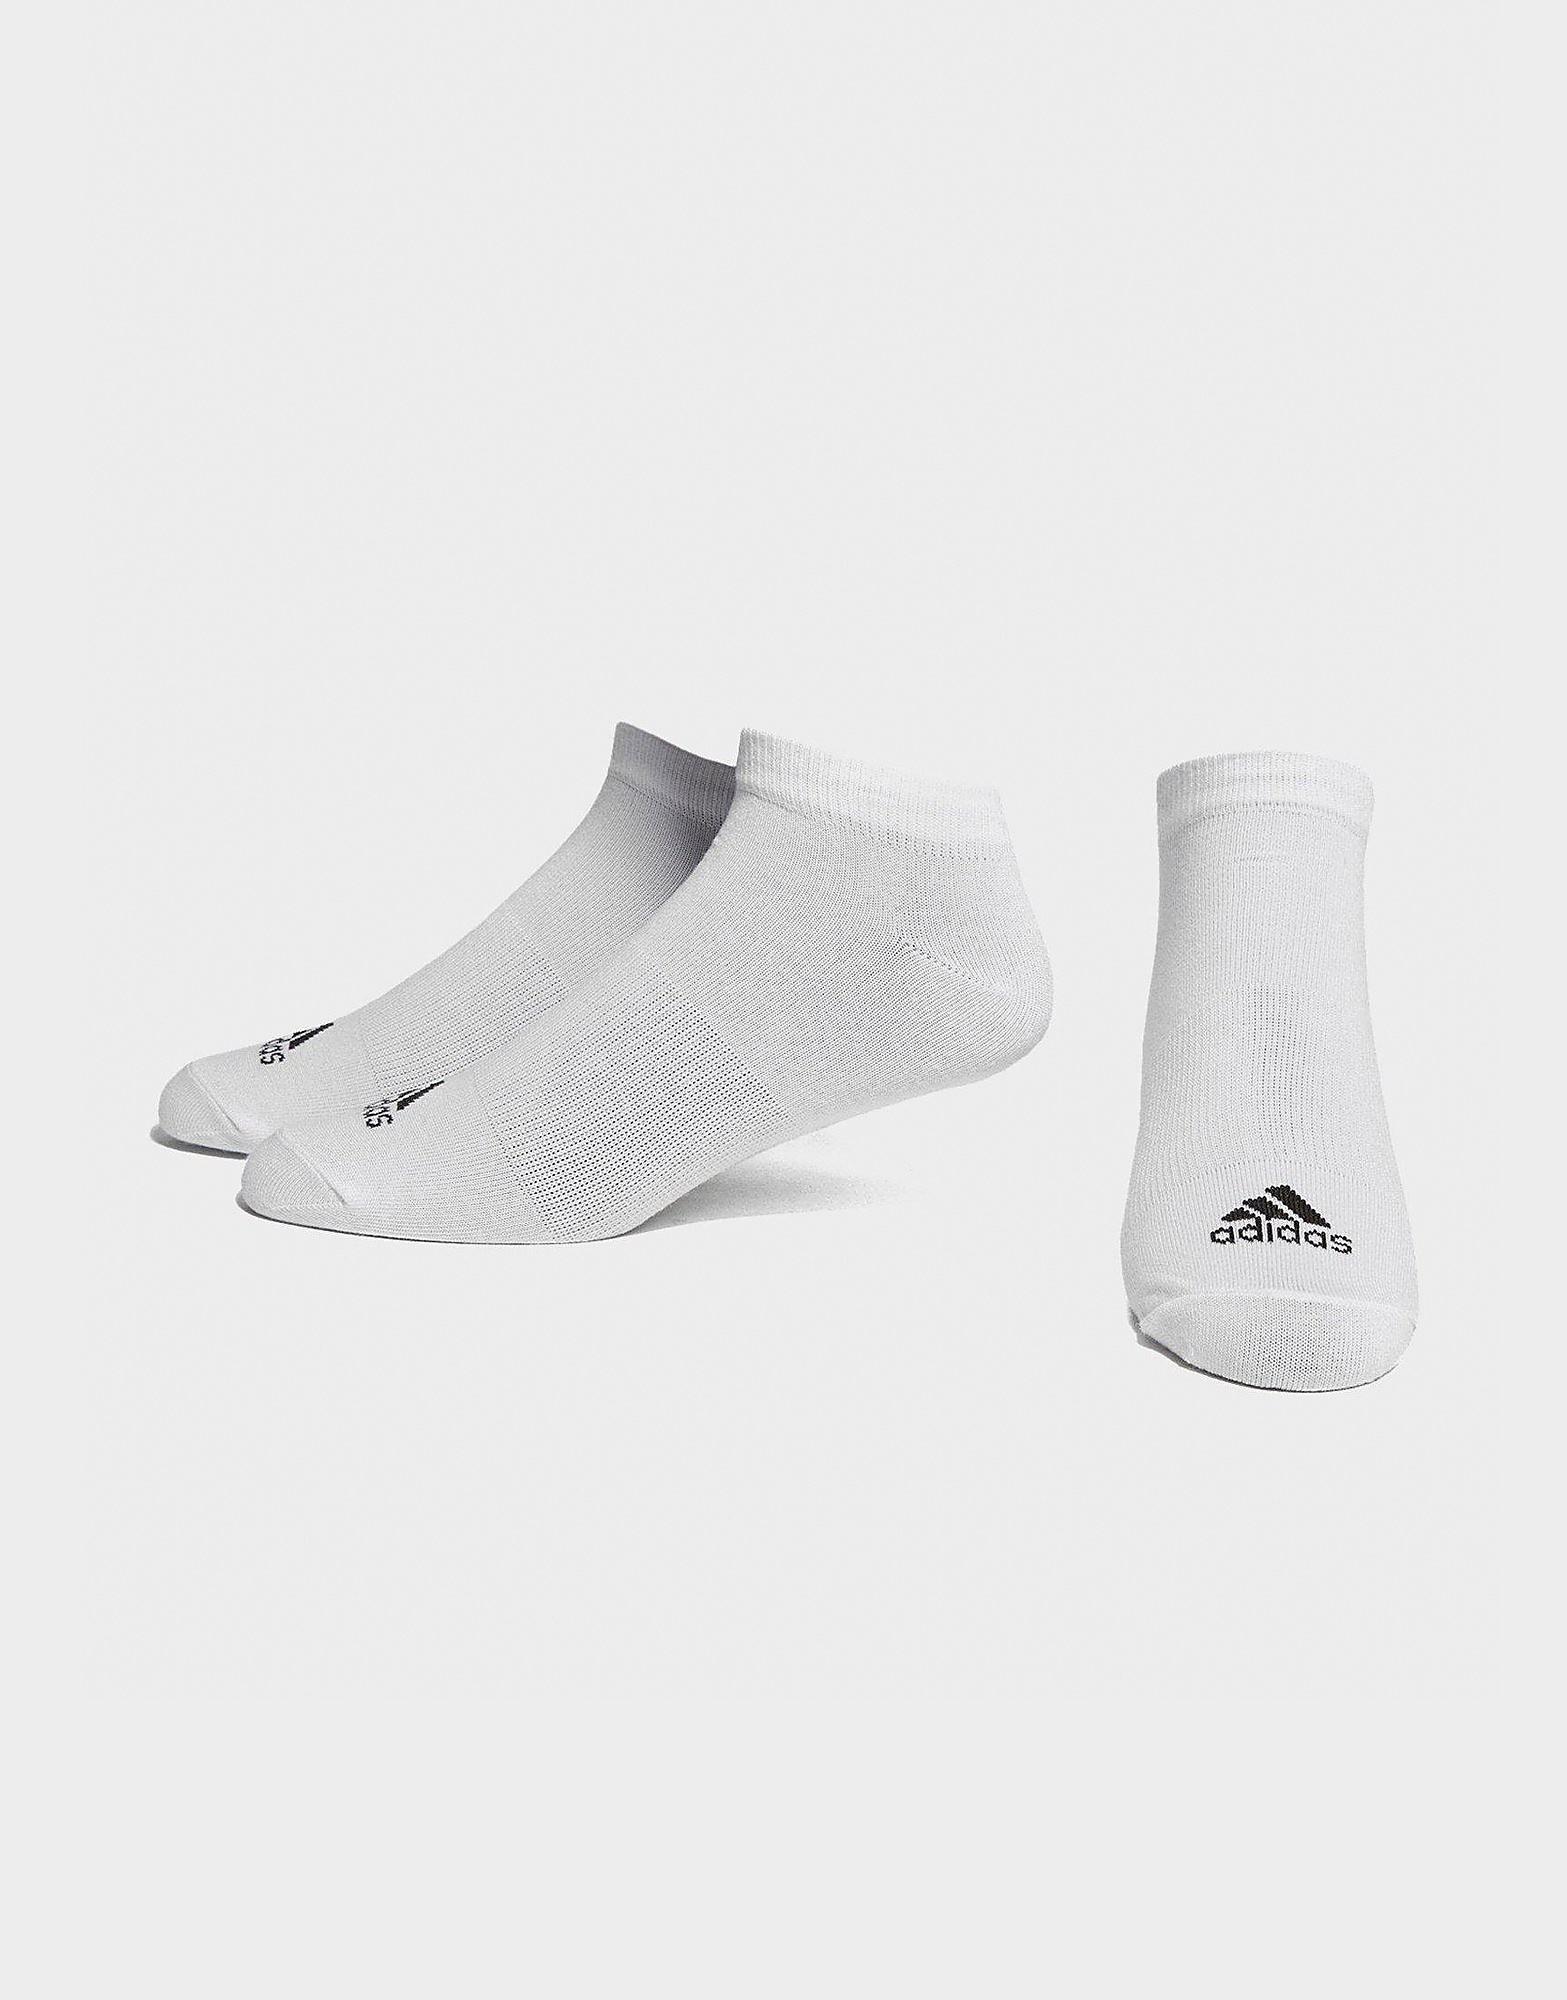 adidas 3 paar onzichtbare sokken - Wit - Heren